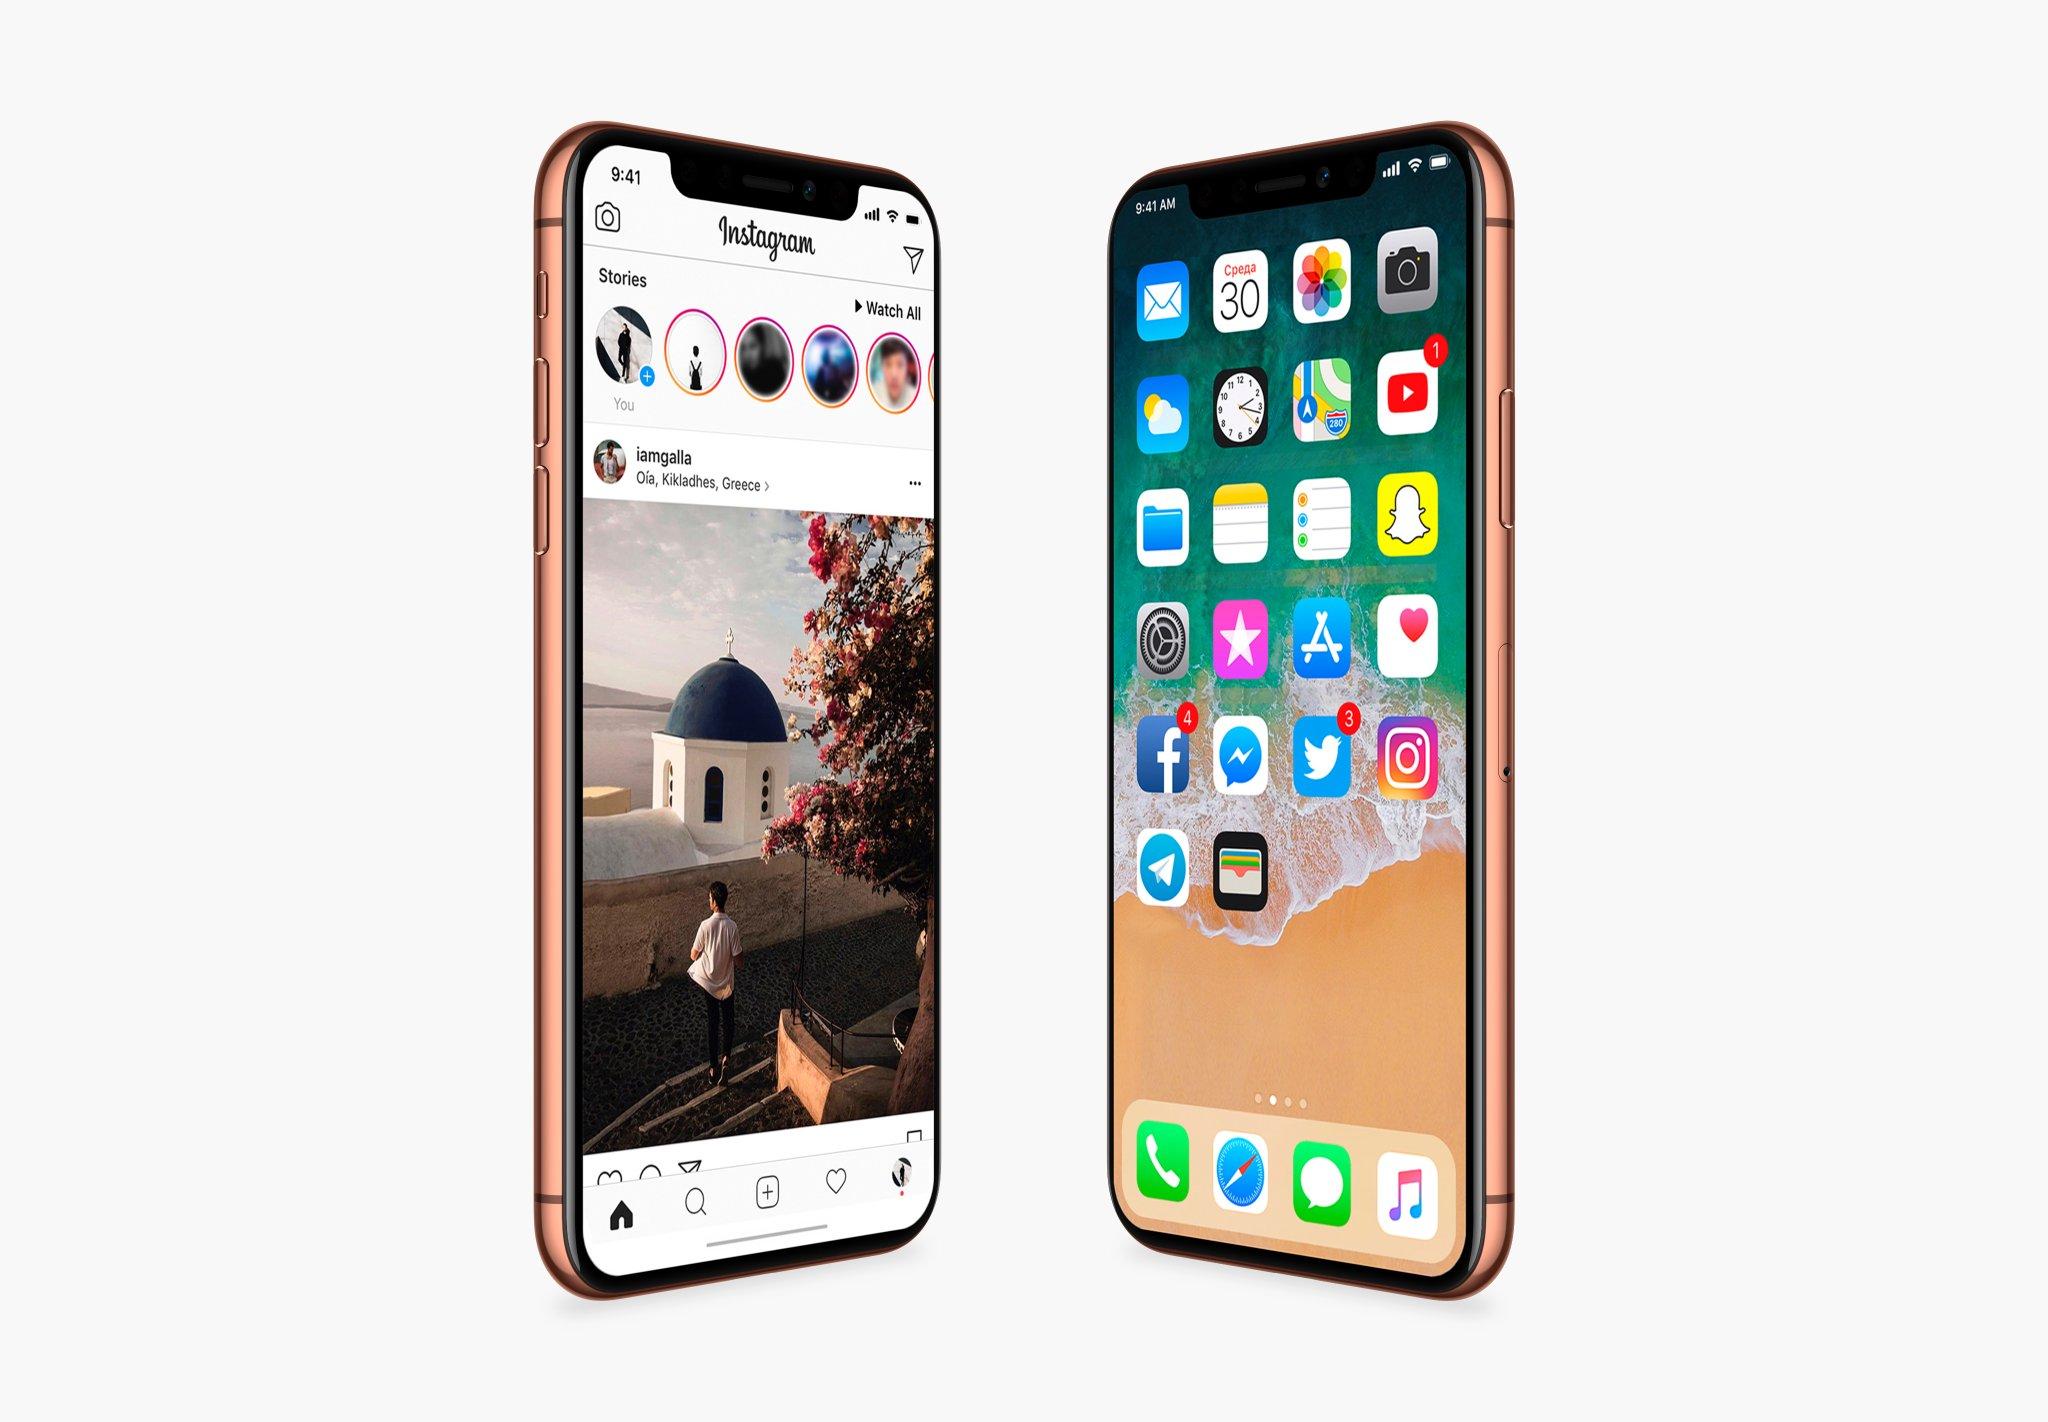 captura de tela de um celular